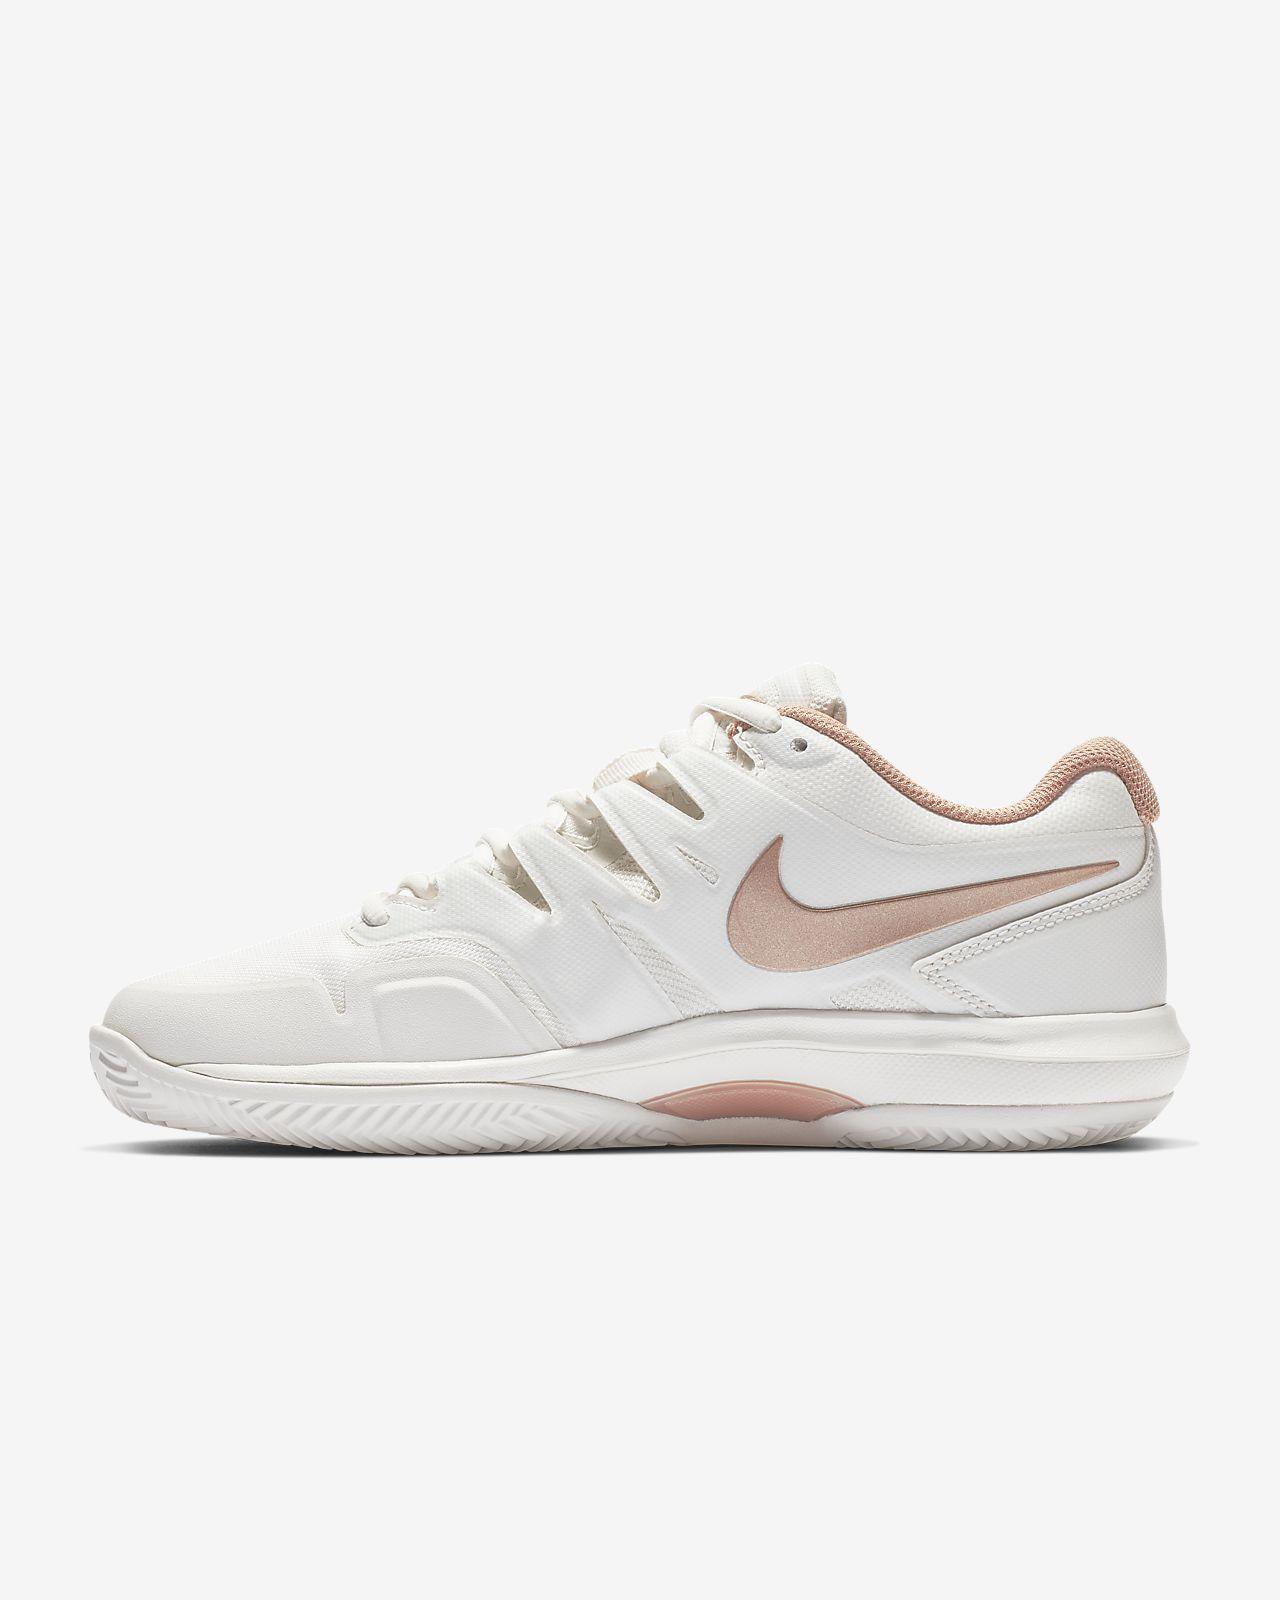 Nike Air Zoom Prestige Clay Kadın Tenis Ayakkabısı